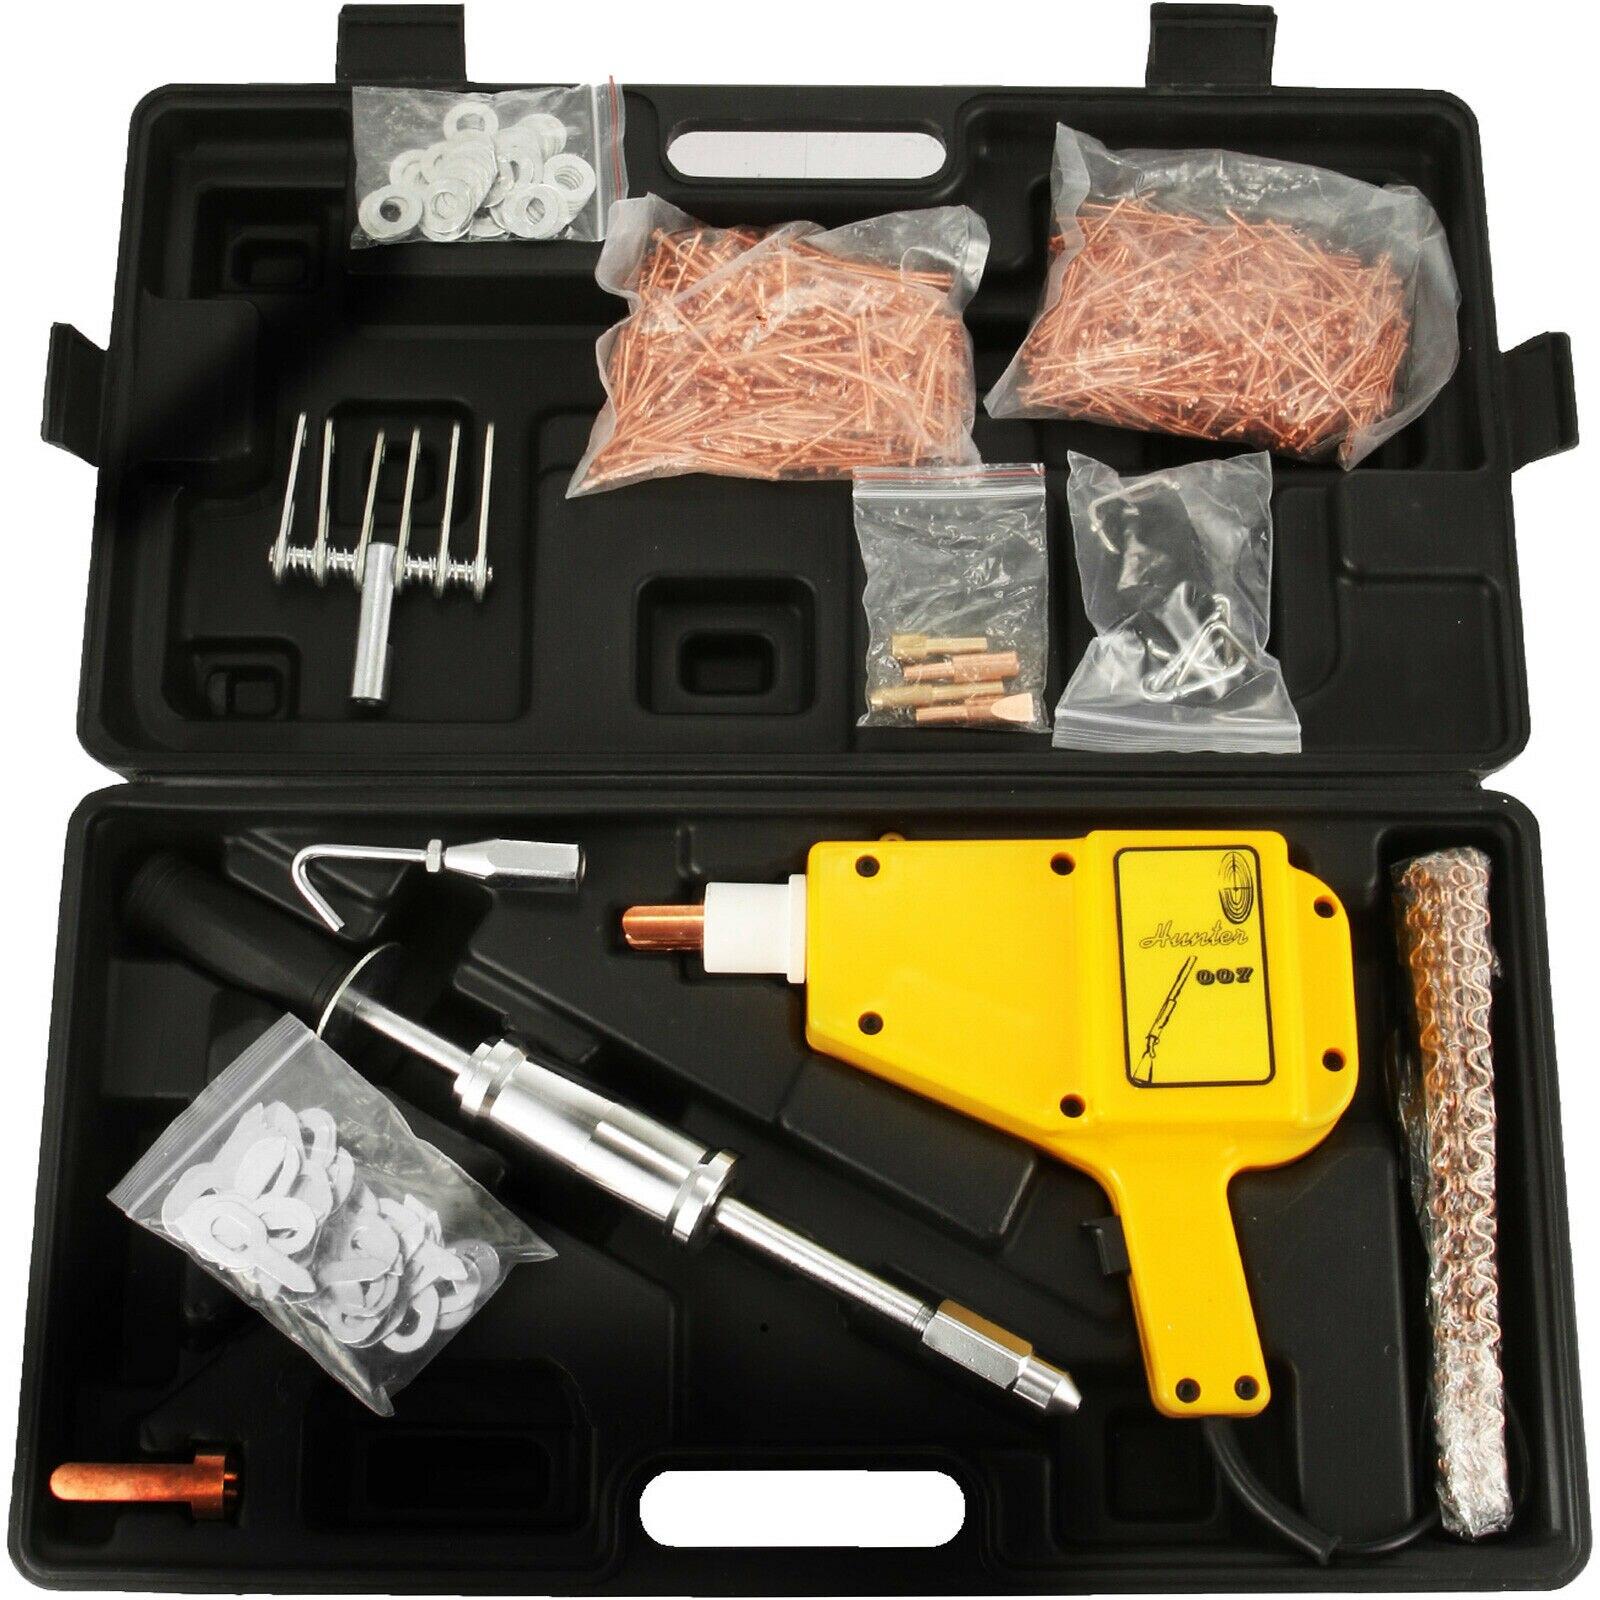 VEVOR 1600A Car Body Dent Repair Tools Spot Stud Welder Dent Puller Gun Welding Kit with More Access